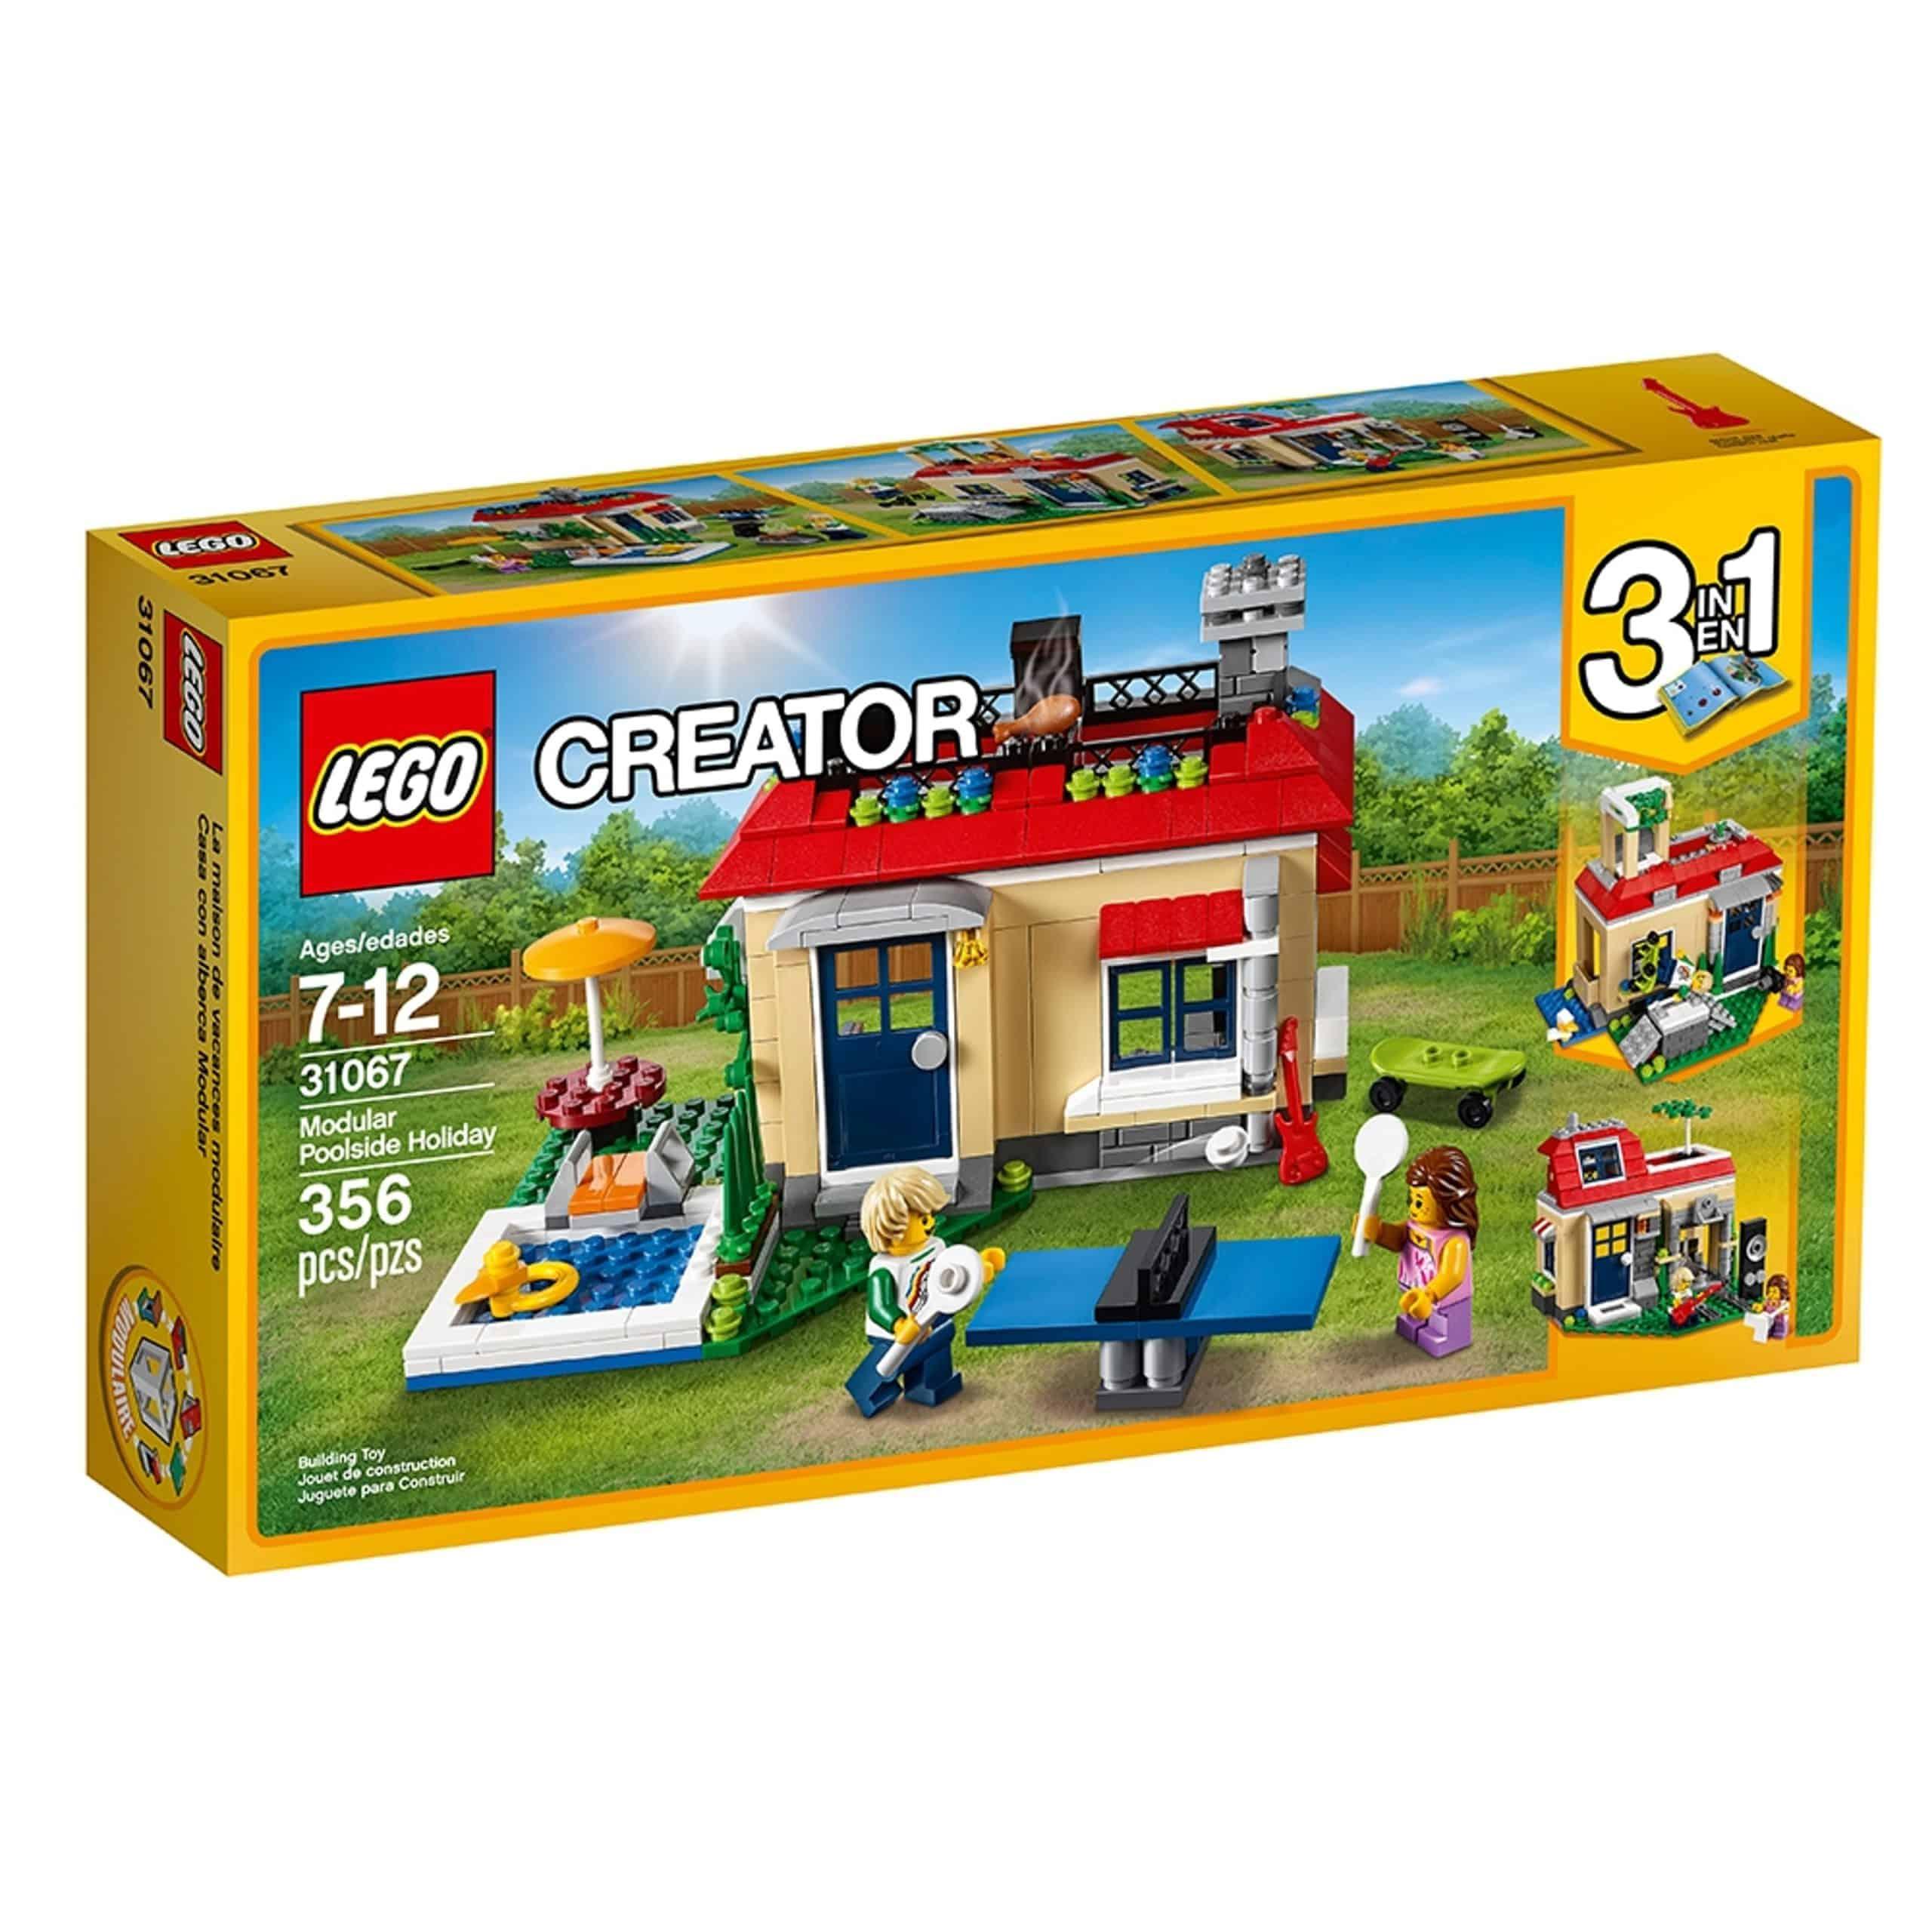 lego 31067 modular poolside holiday scaled